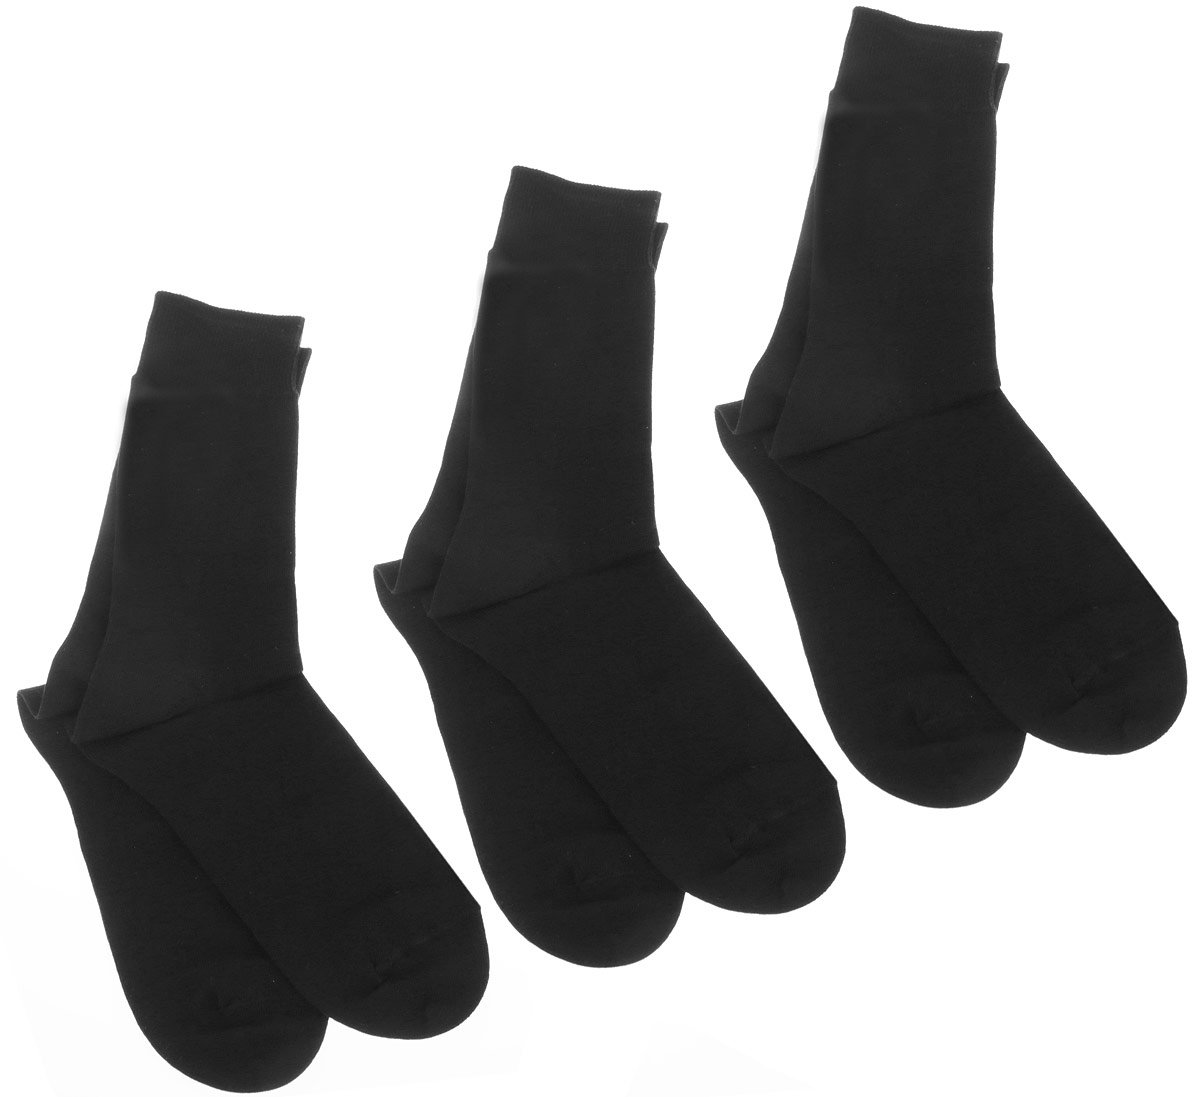 Носки мужские Smart Textile Гигиена-грибок, противогрибковые и антимикробные, цвет: черный, 3 пары. Н416. Размер 31Н416Противогрибковые носки ГИГИЕНА-ГРИБОК в ПУ (подарочной упаковке) послужат прекрасным атрибутом одежды Вашего мужчины. Эти носочки сделаны из высококачественной пряжи, с дополнительной обработке швейцарским препаратом Санитайзед Т 99-19. Благодаря ему, носки ГИГИЕНА-ГРИБОК надежно защитят ногти, пальцы и ступни ног от грибковых и гнойничковых заболеваний. Носки уменьшат неприятный запах пота. ПрепаратомСанитайзед Т 99-19 разработан в Швейцарии, не вызывает раздражения кожи. Данный противогрибковый препарат, которым пропитаны текстильные волокна, выделяется из ткани,пока Вы носите носки, благодаря чему обеспечивается надёжная защита от болезнетворных микроорганизмов в течение длительного времени. Противогрибковые носки сохраняют антимикробную активность до десяти стирок. Но даже после этого, в вашем гардеробе останутся обычные носочки, которые послужат вам не один месяц. Данные носки стали ДИПЛОМАНТОМ всероссийского конкурса 100 лучших товаров России. В комплект входят 3 пары носков.